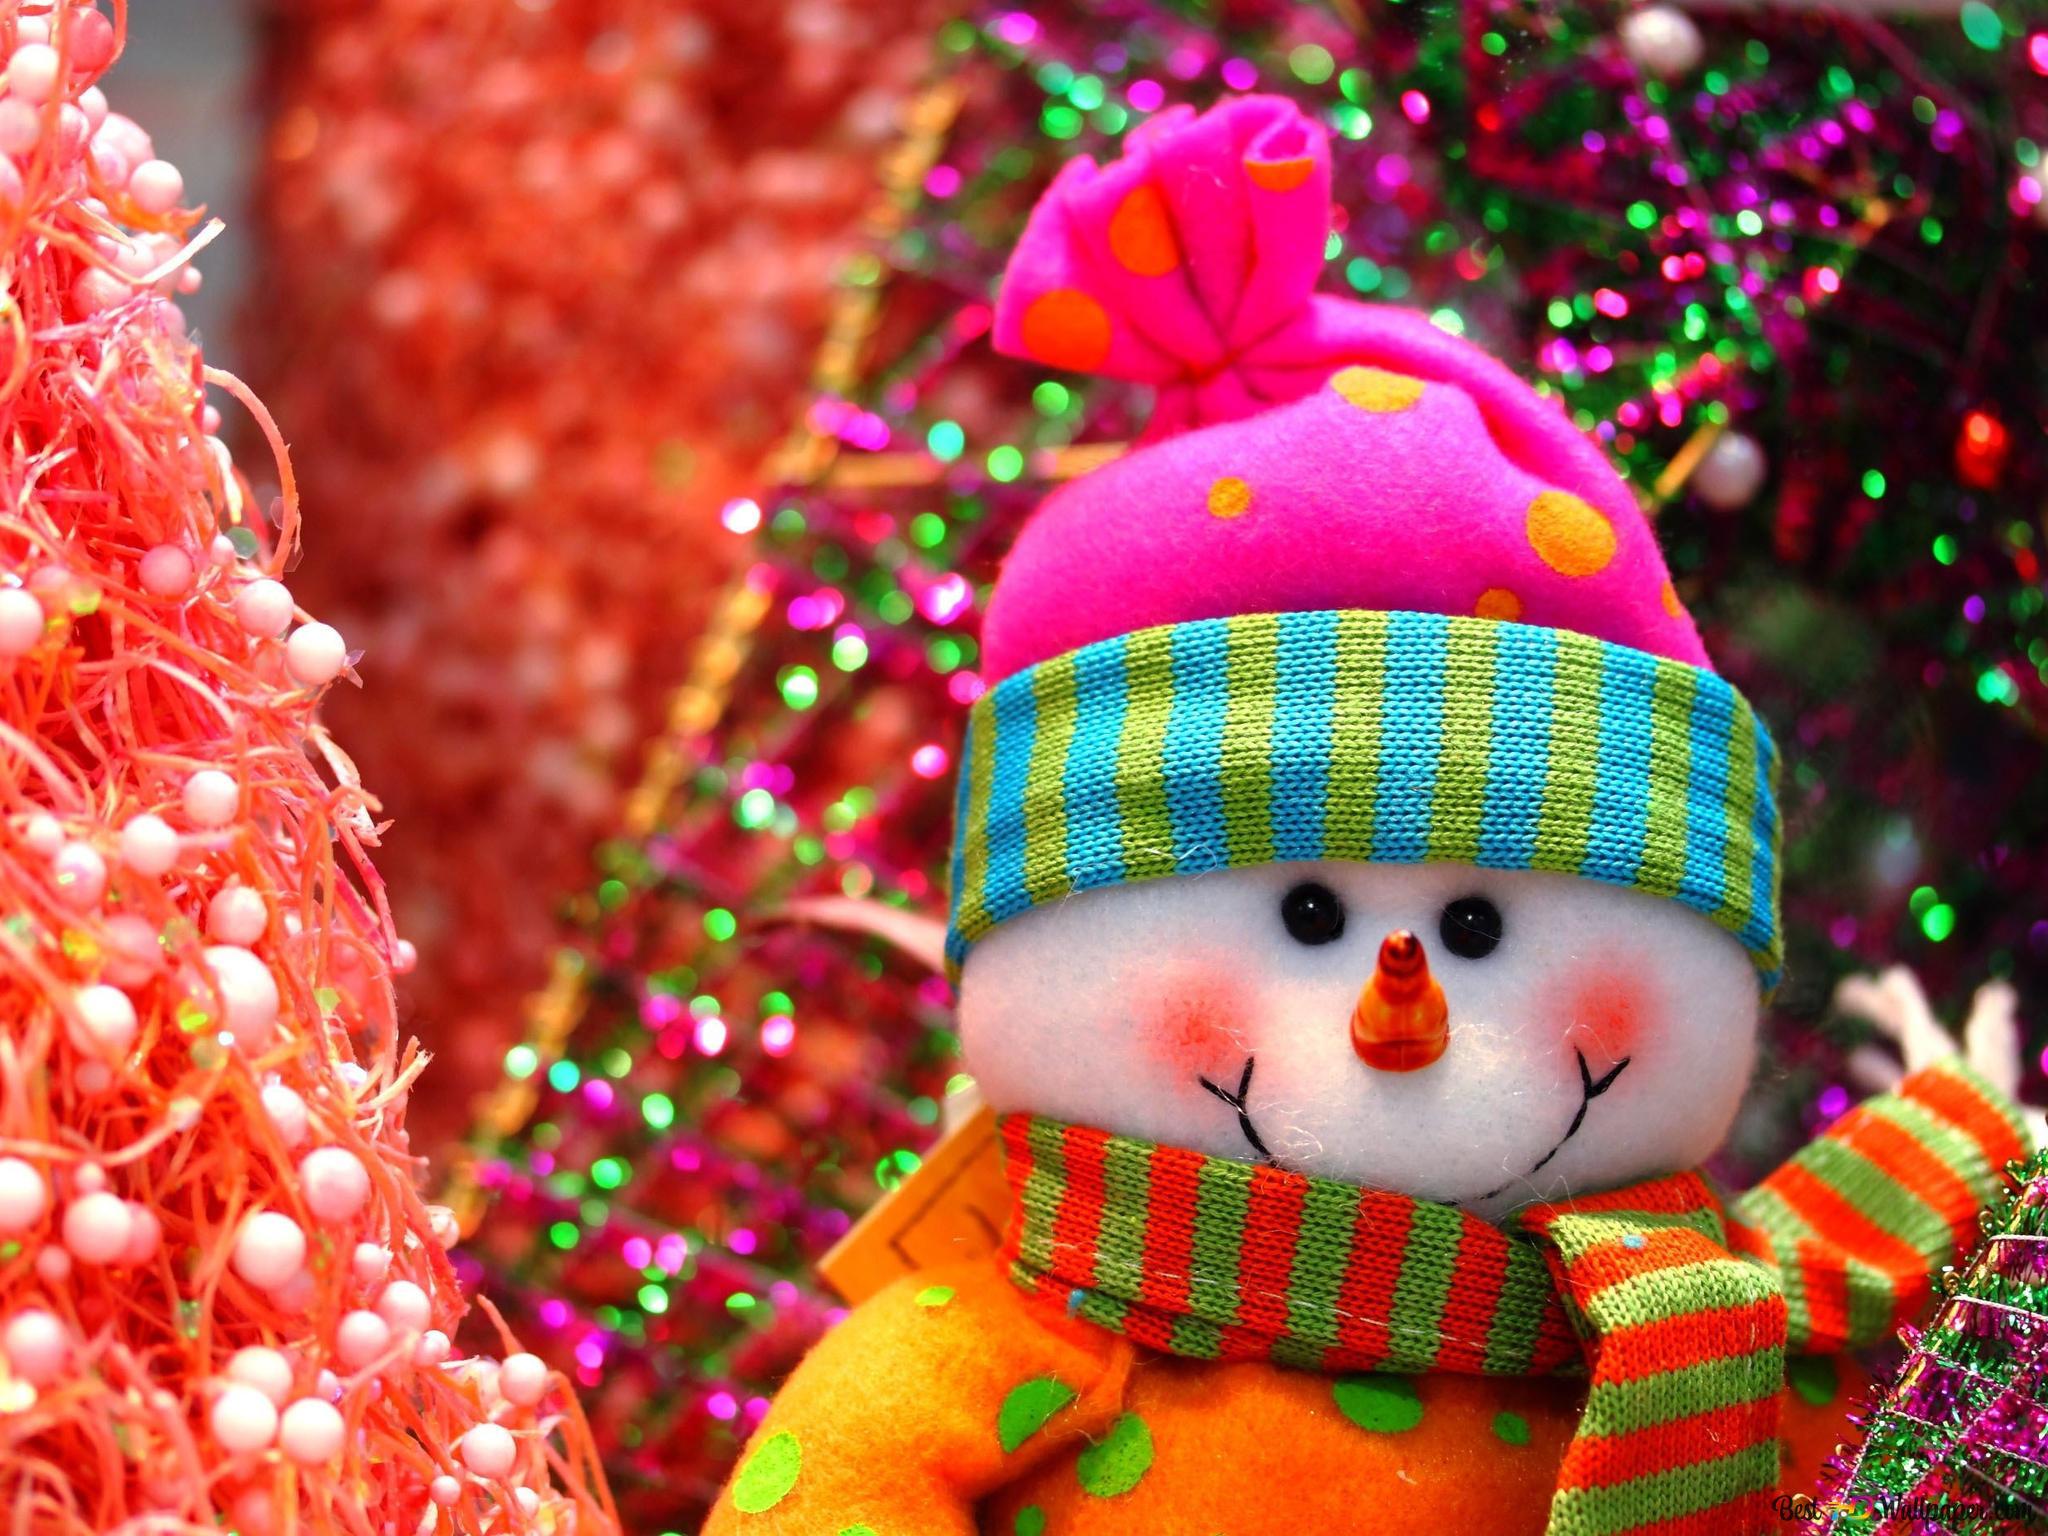 クリスマス かわいい雪だるま Hd壁紙のダウンロード